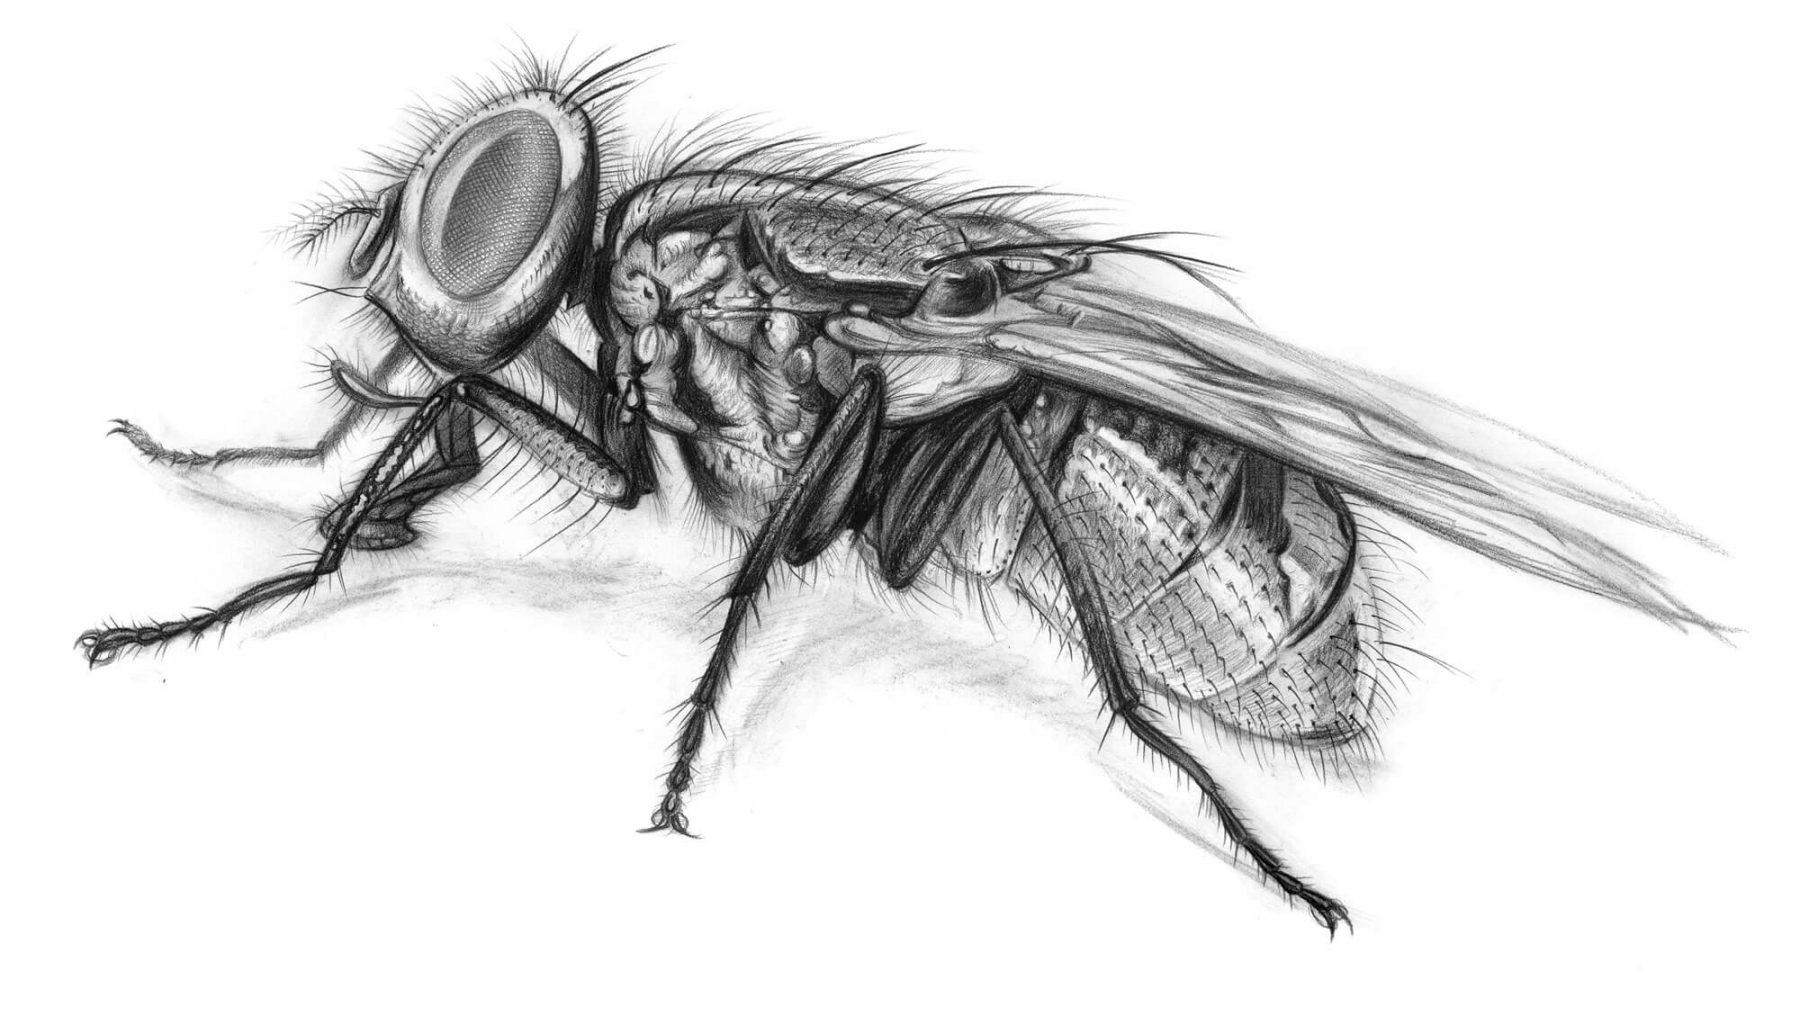 L'anatomie d'une mouche en détail - La Salamandre